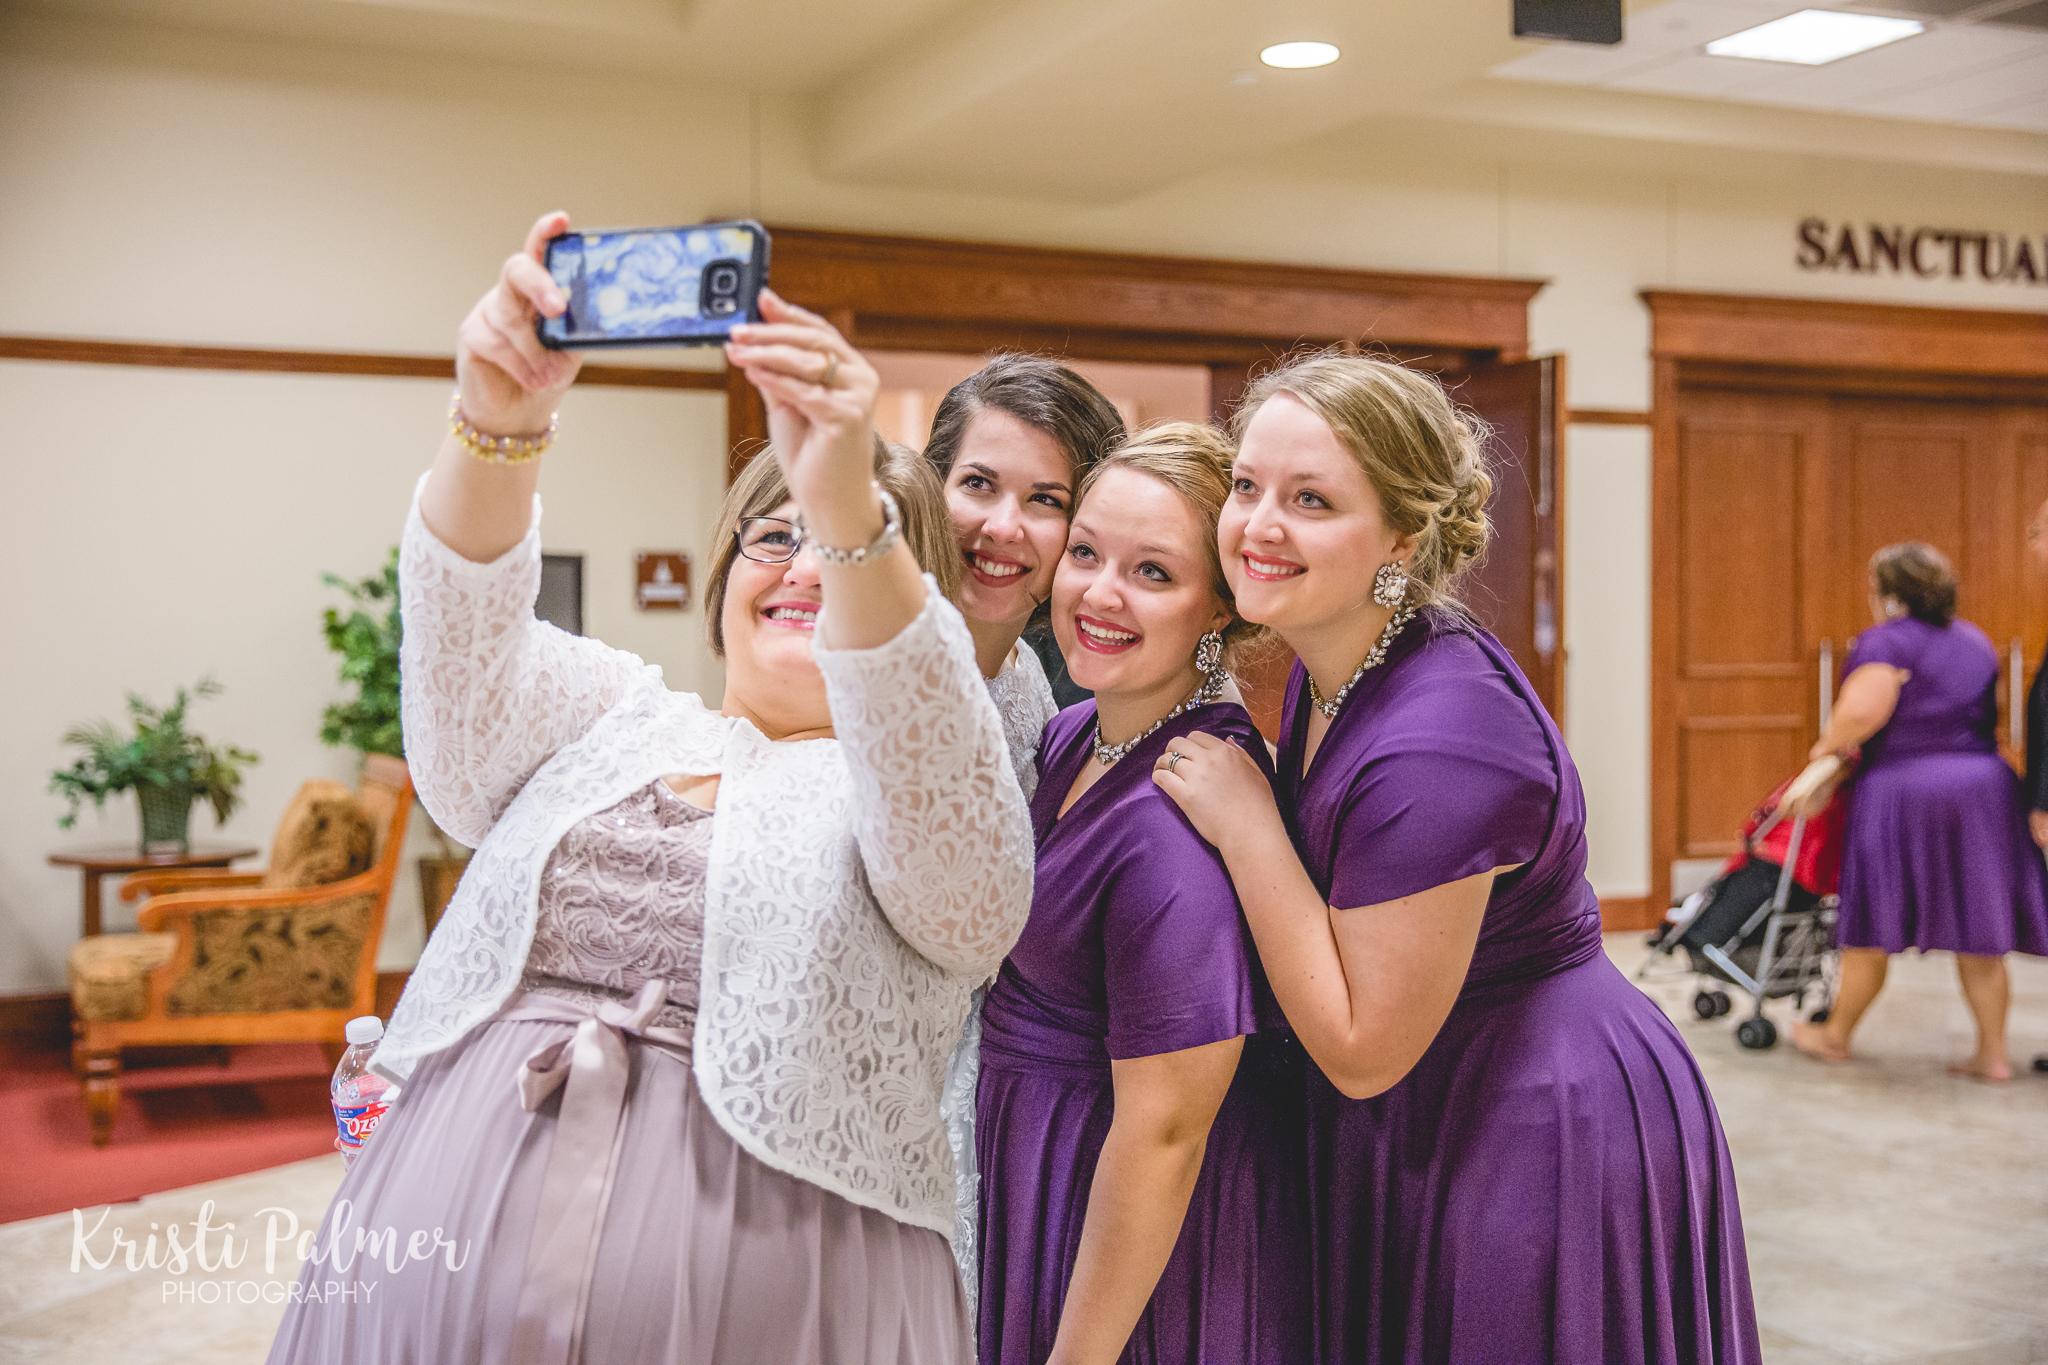 wedding guests selfie